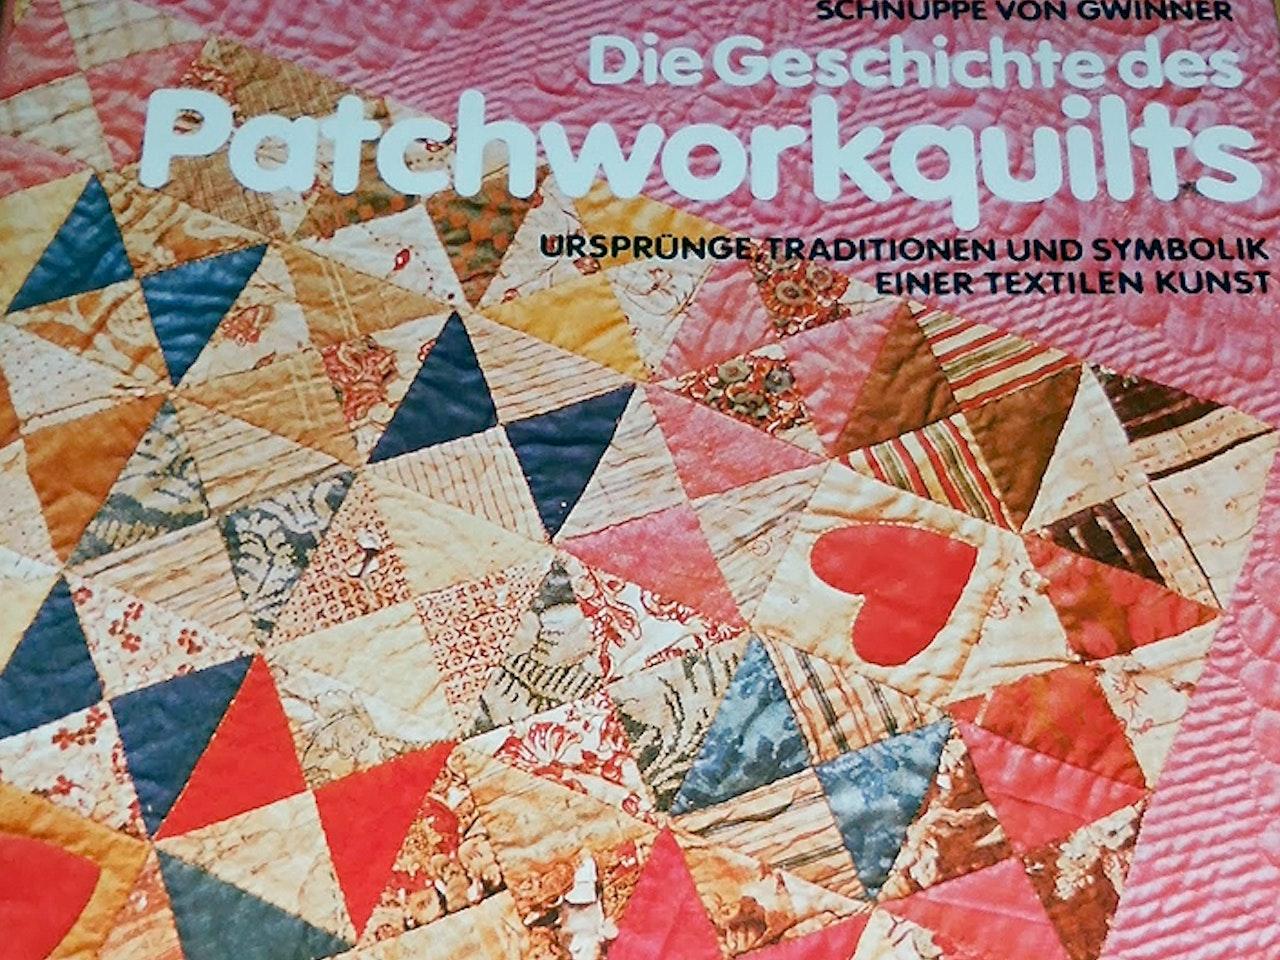 Die Geschichte des Patchworkquilts